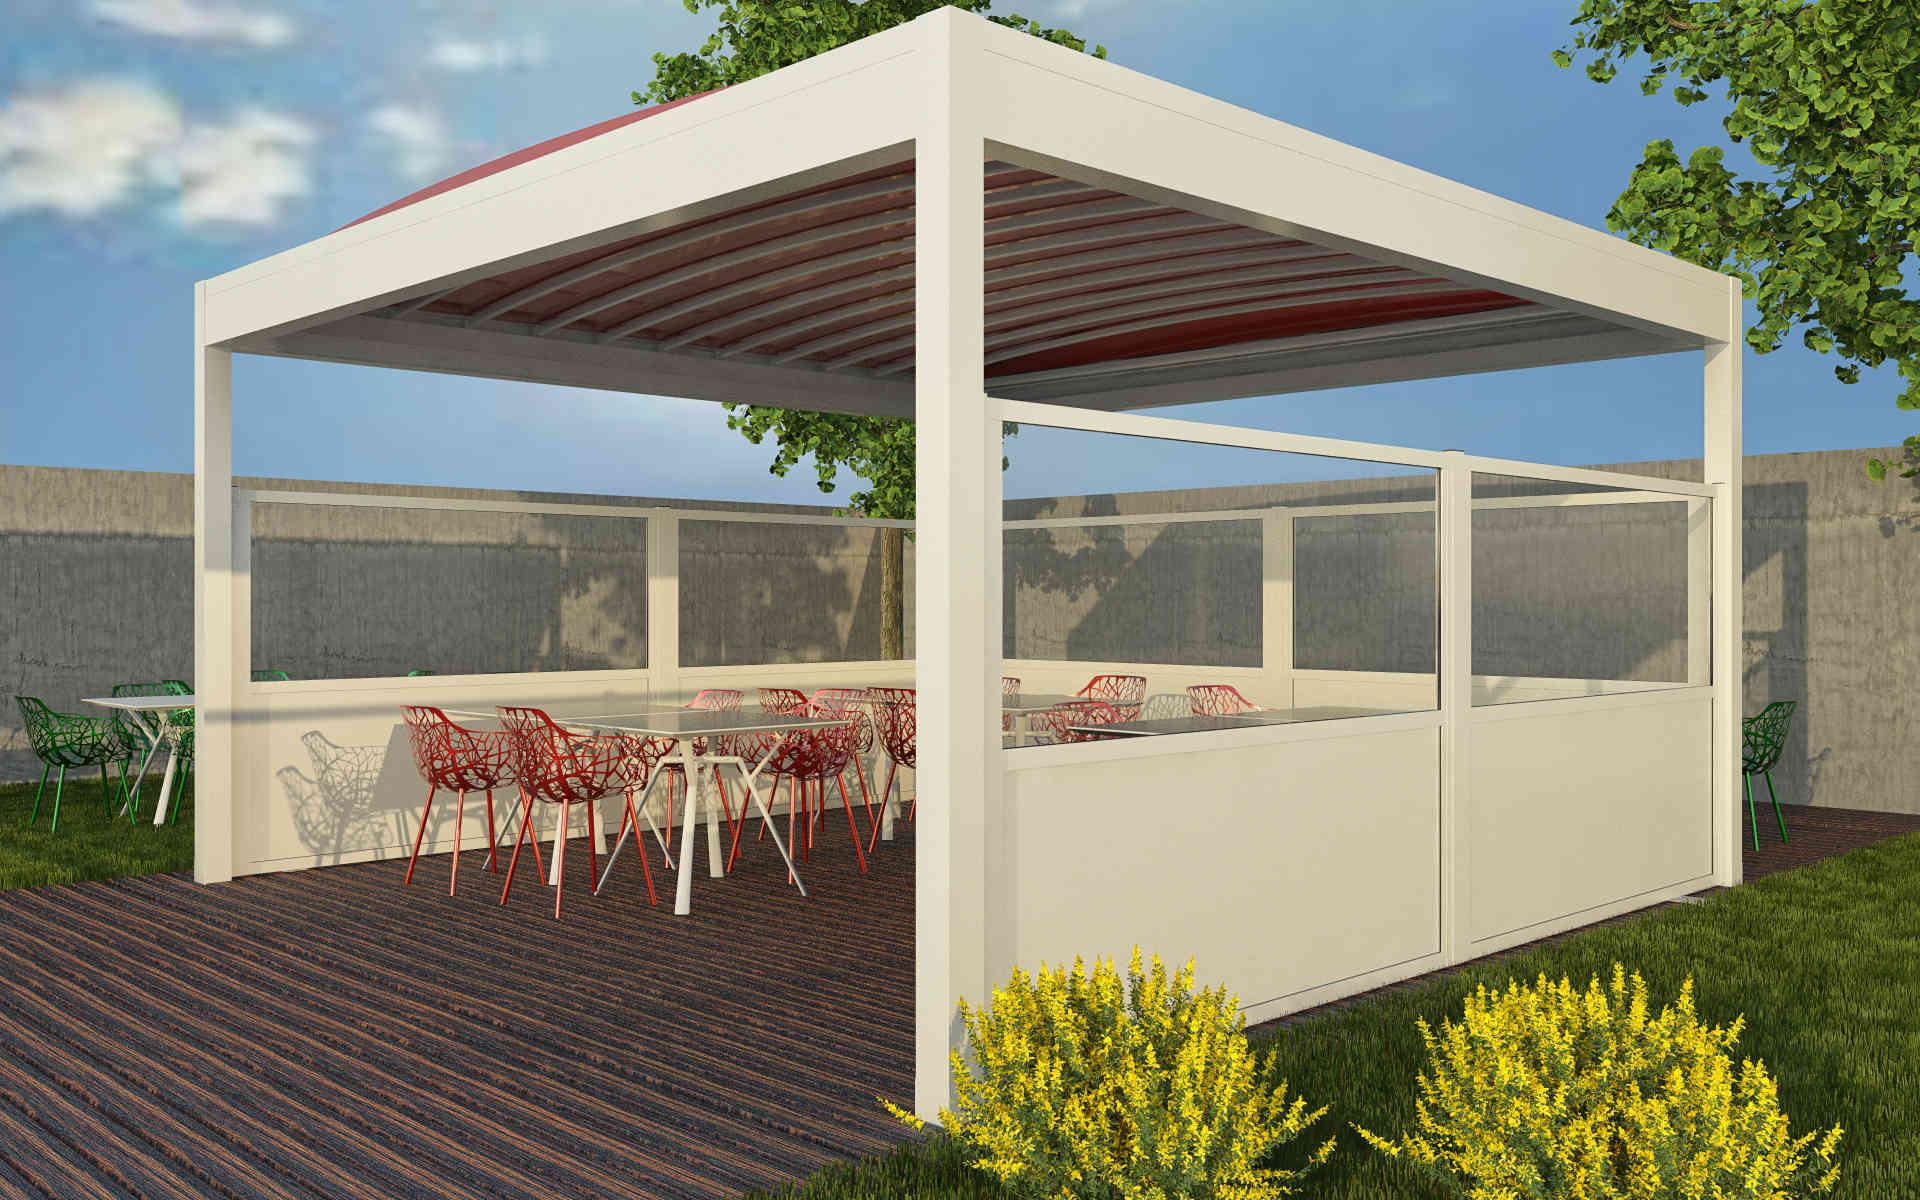 Paraventi modulari per esterno per bar dehors gelaterie e ristoranti - Strutture in alluminio per esterno ...